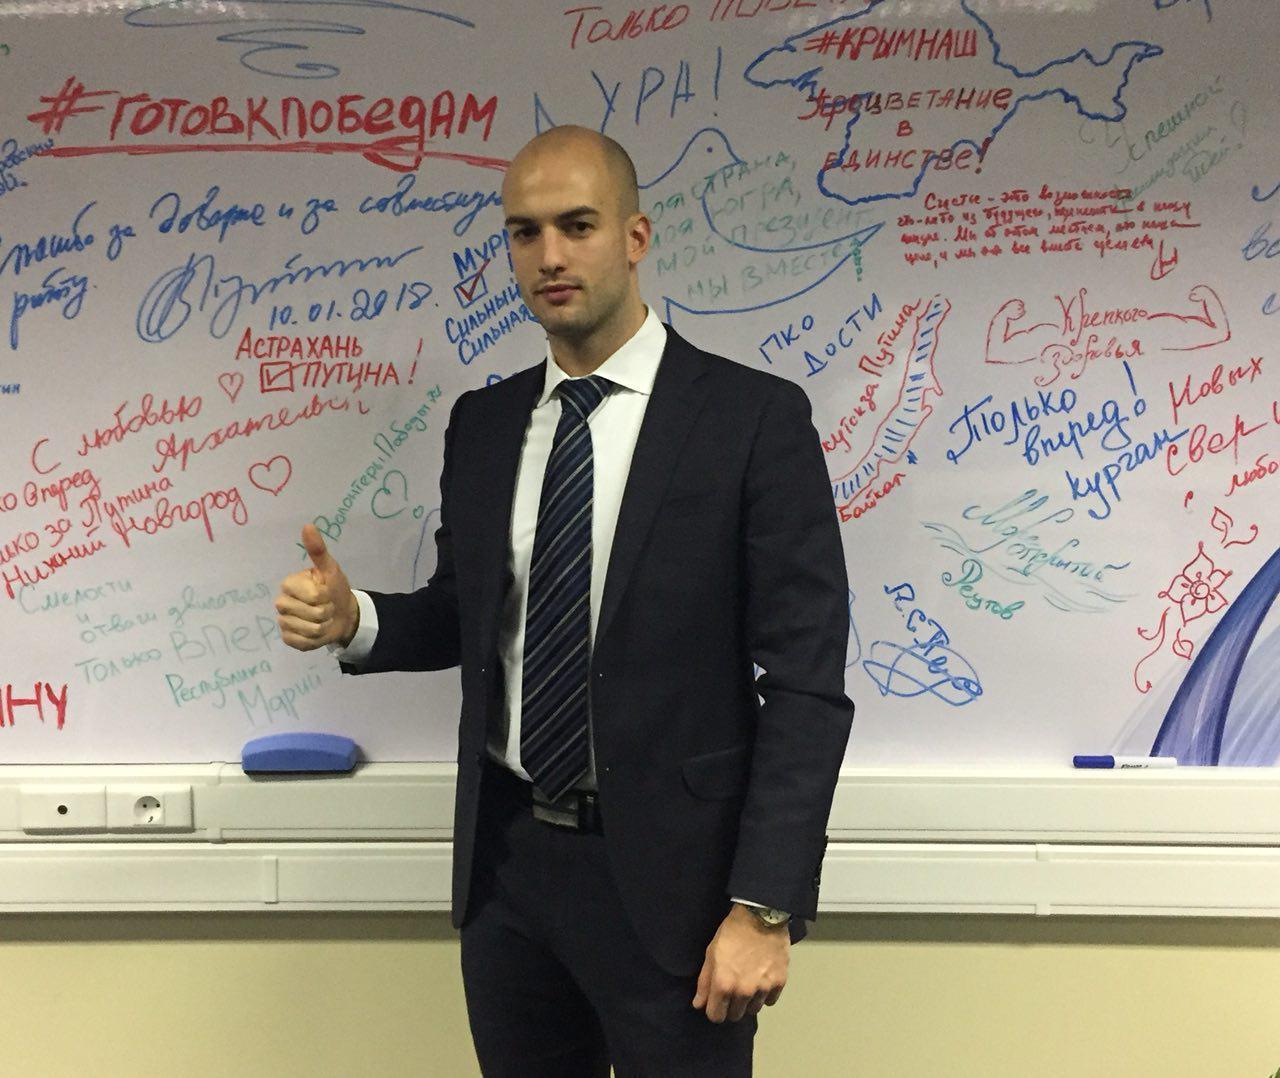 Магистрант ИГСУ Дмитрий Головин стал доверенным лицом кандидата в президенты России